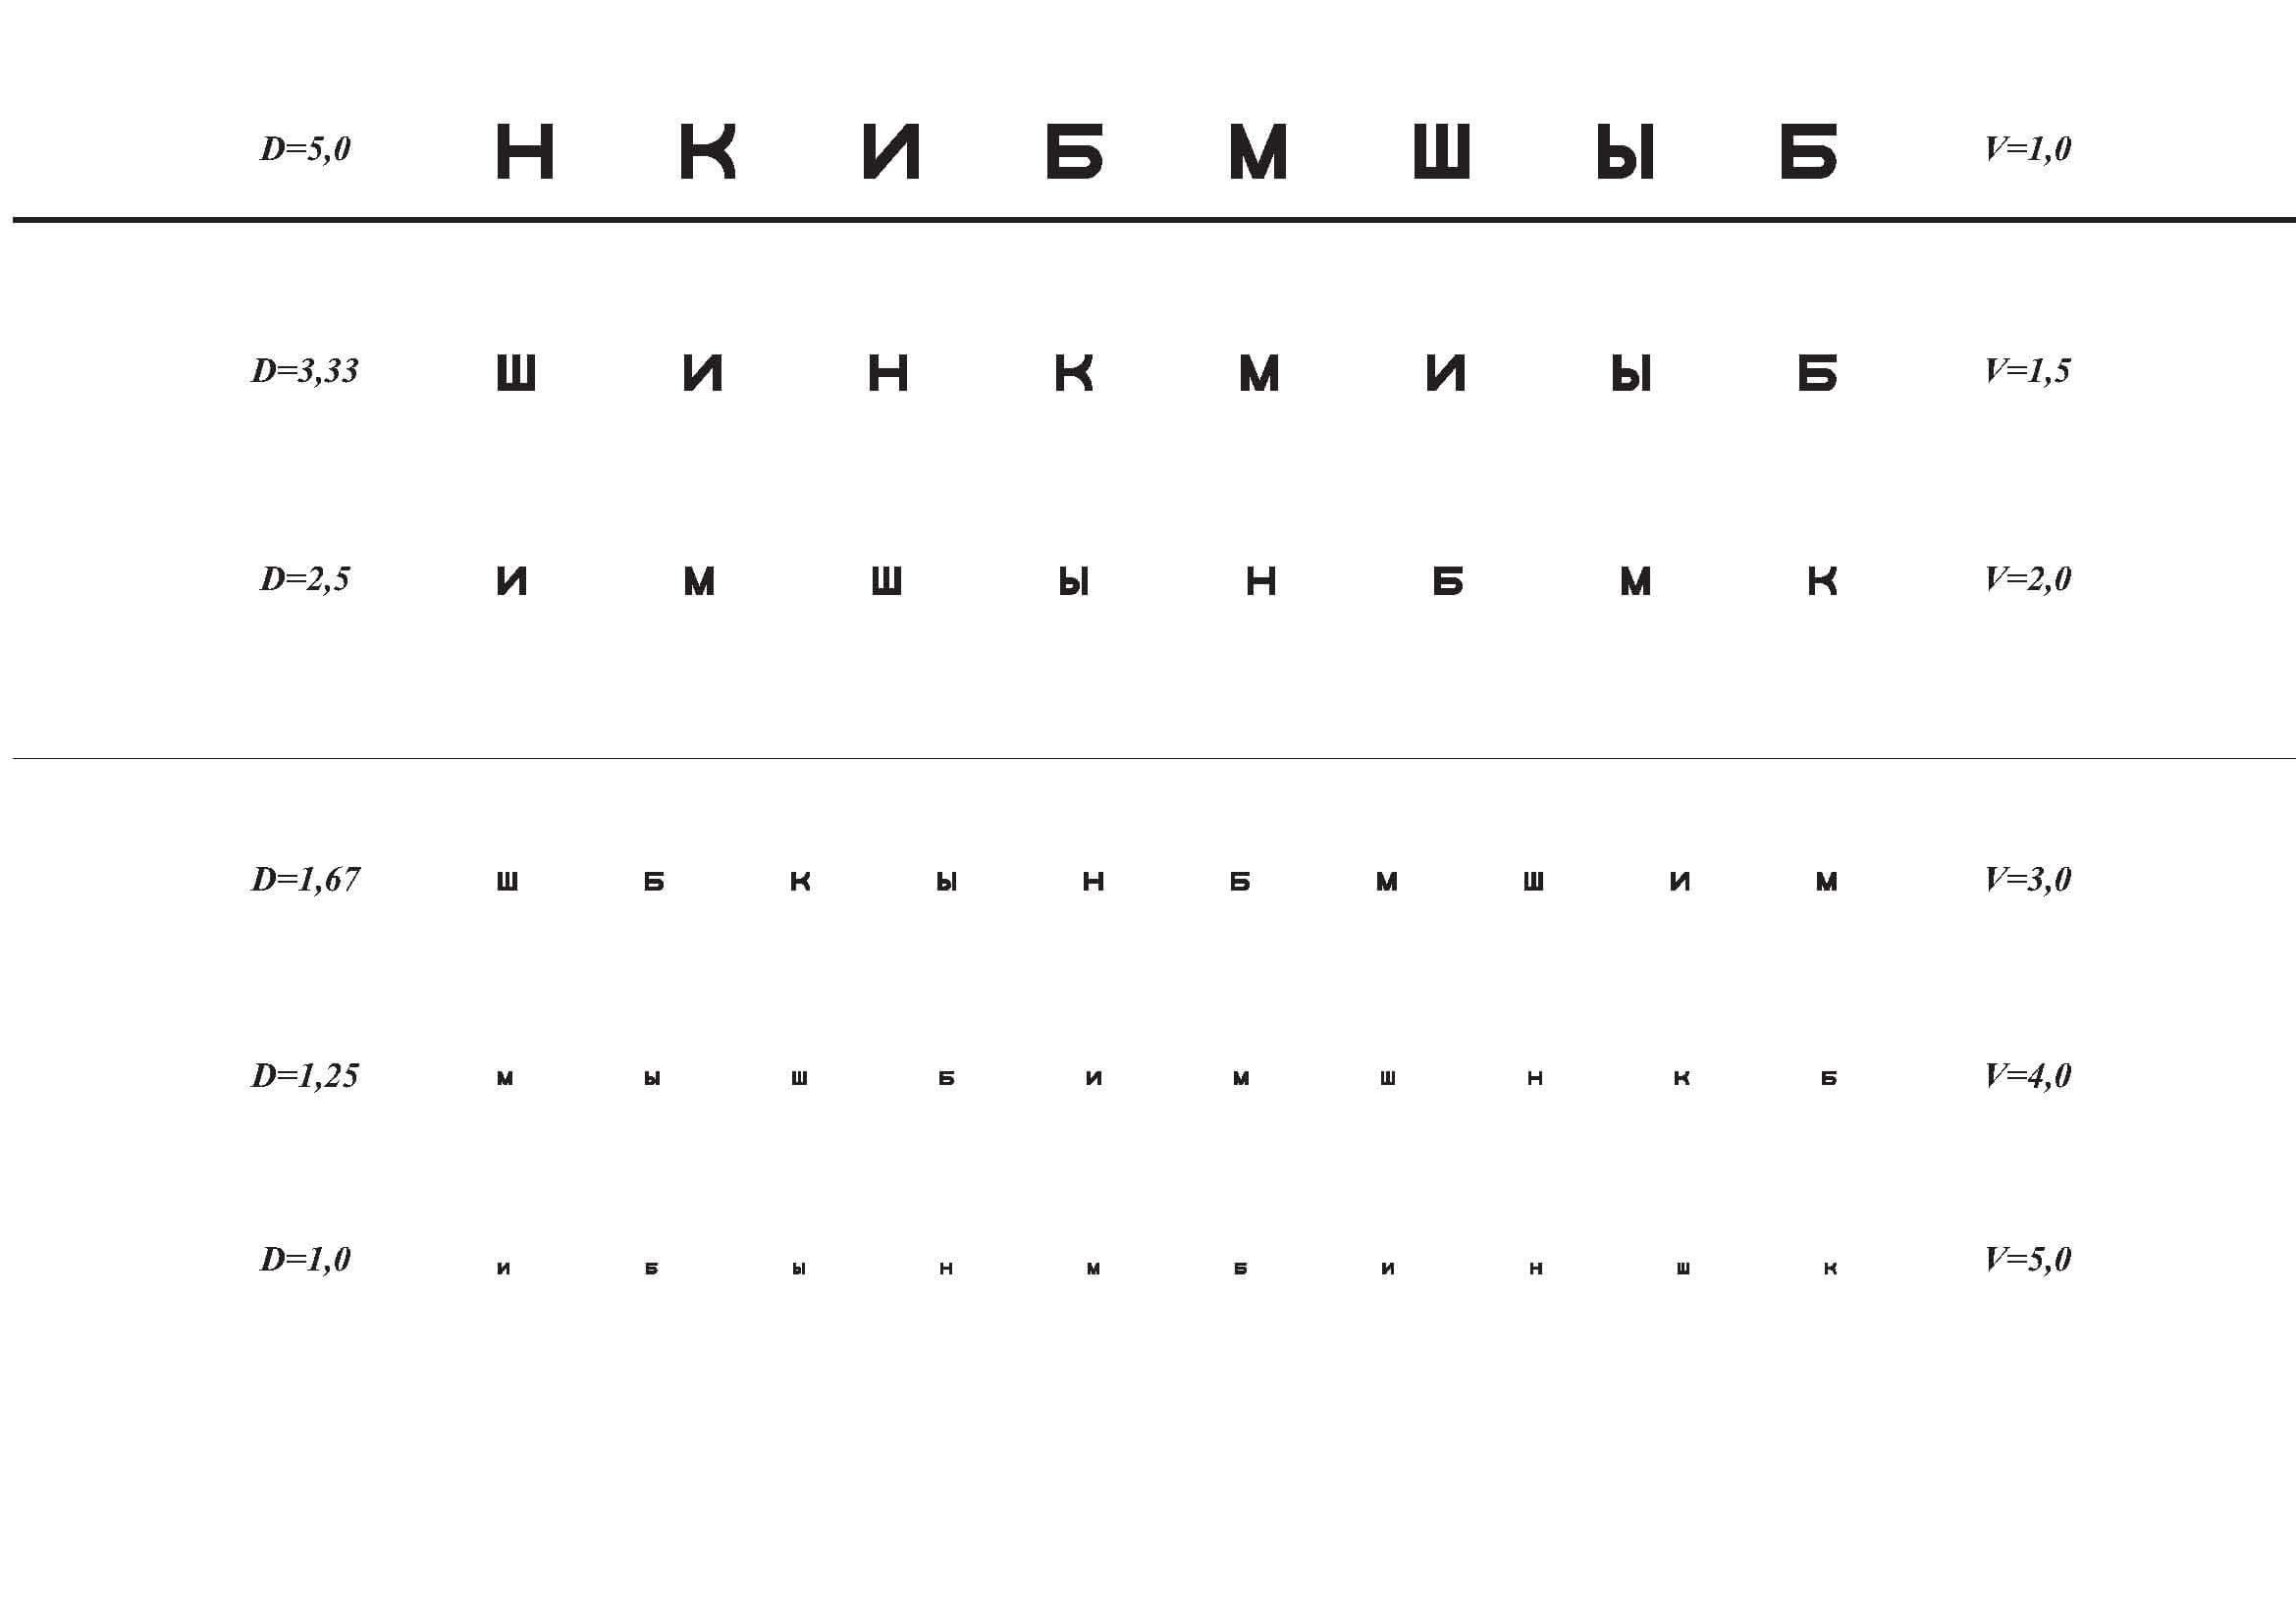 betűkkel ellátott táblázatok a látásvizsgálathoz